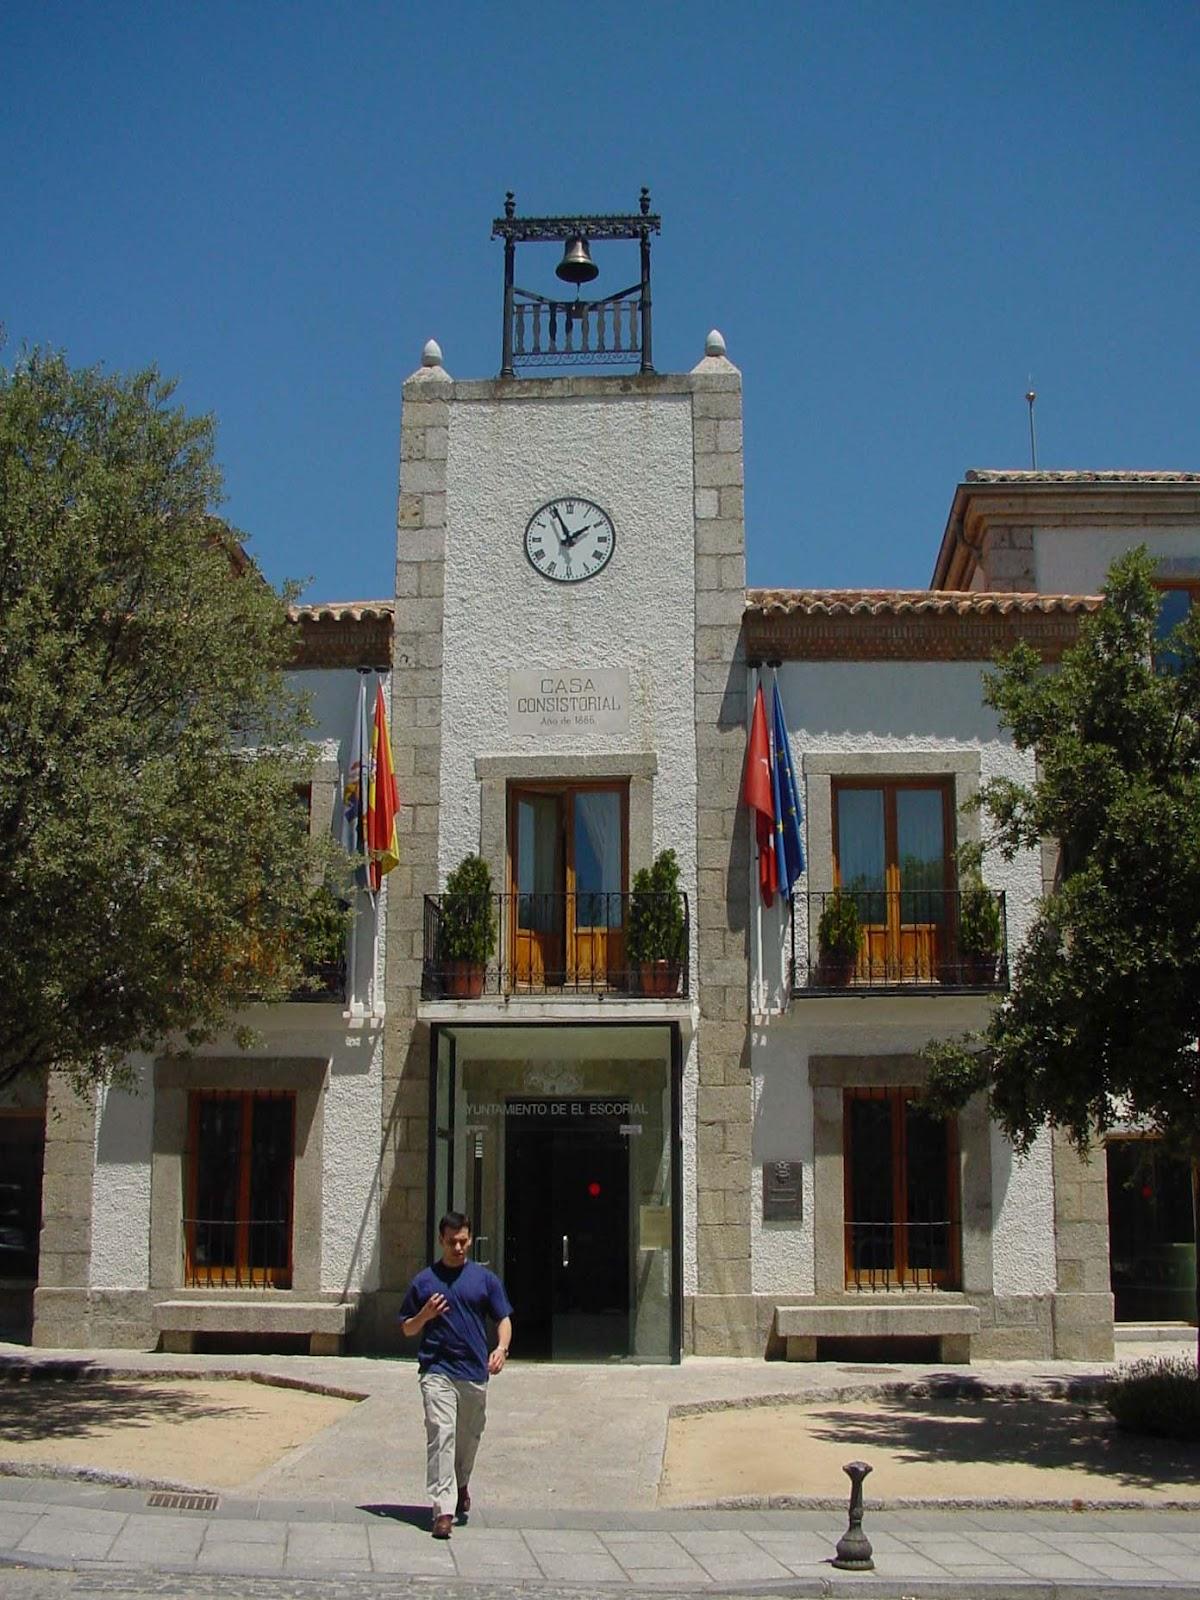 Entorno escorial el alcalde de el escorial recibe un - Casarse ayuntamiento madrid ...